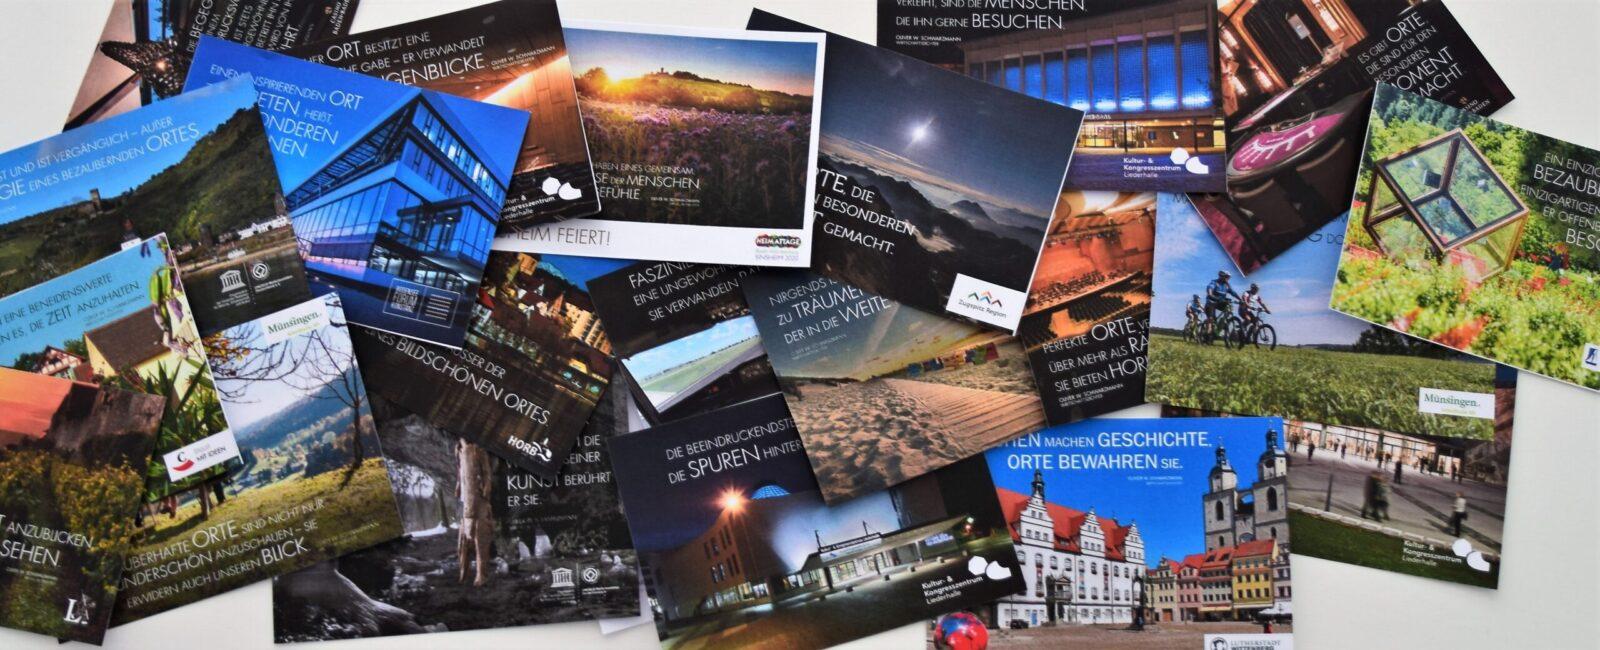 10 Gründe, warum die Dichter-Postkarte so extrem beliebt ist